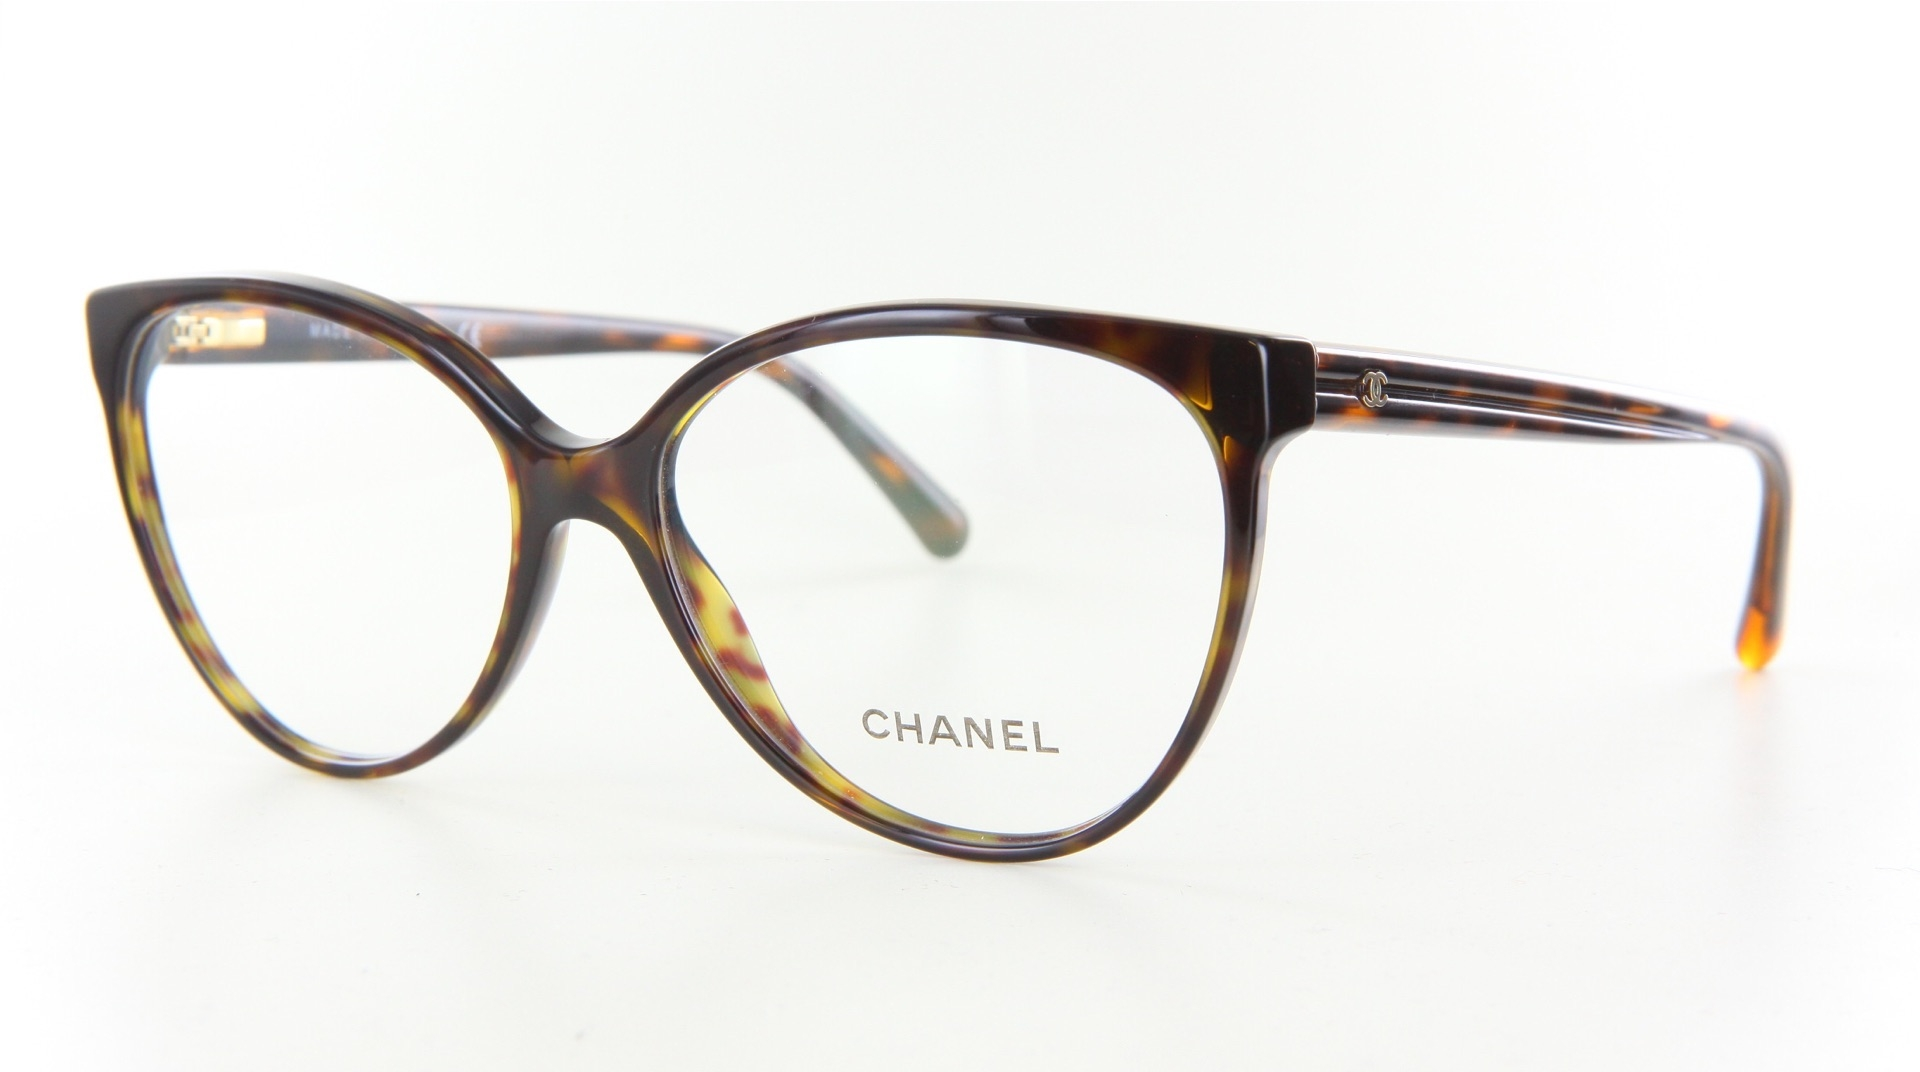 Chanel - ref: 72579